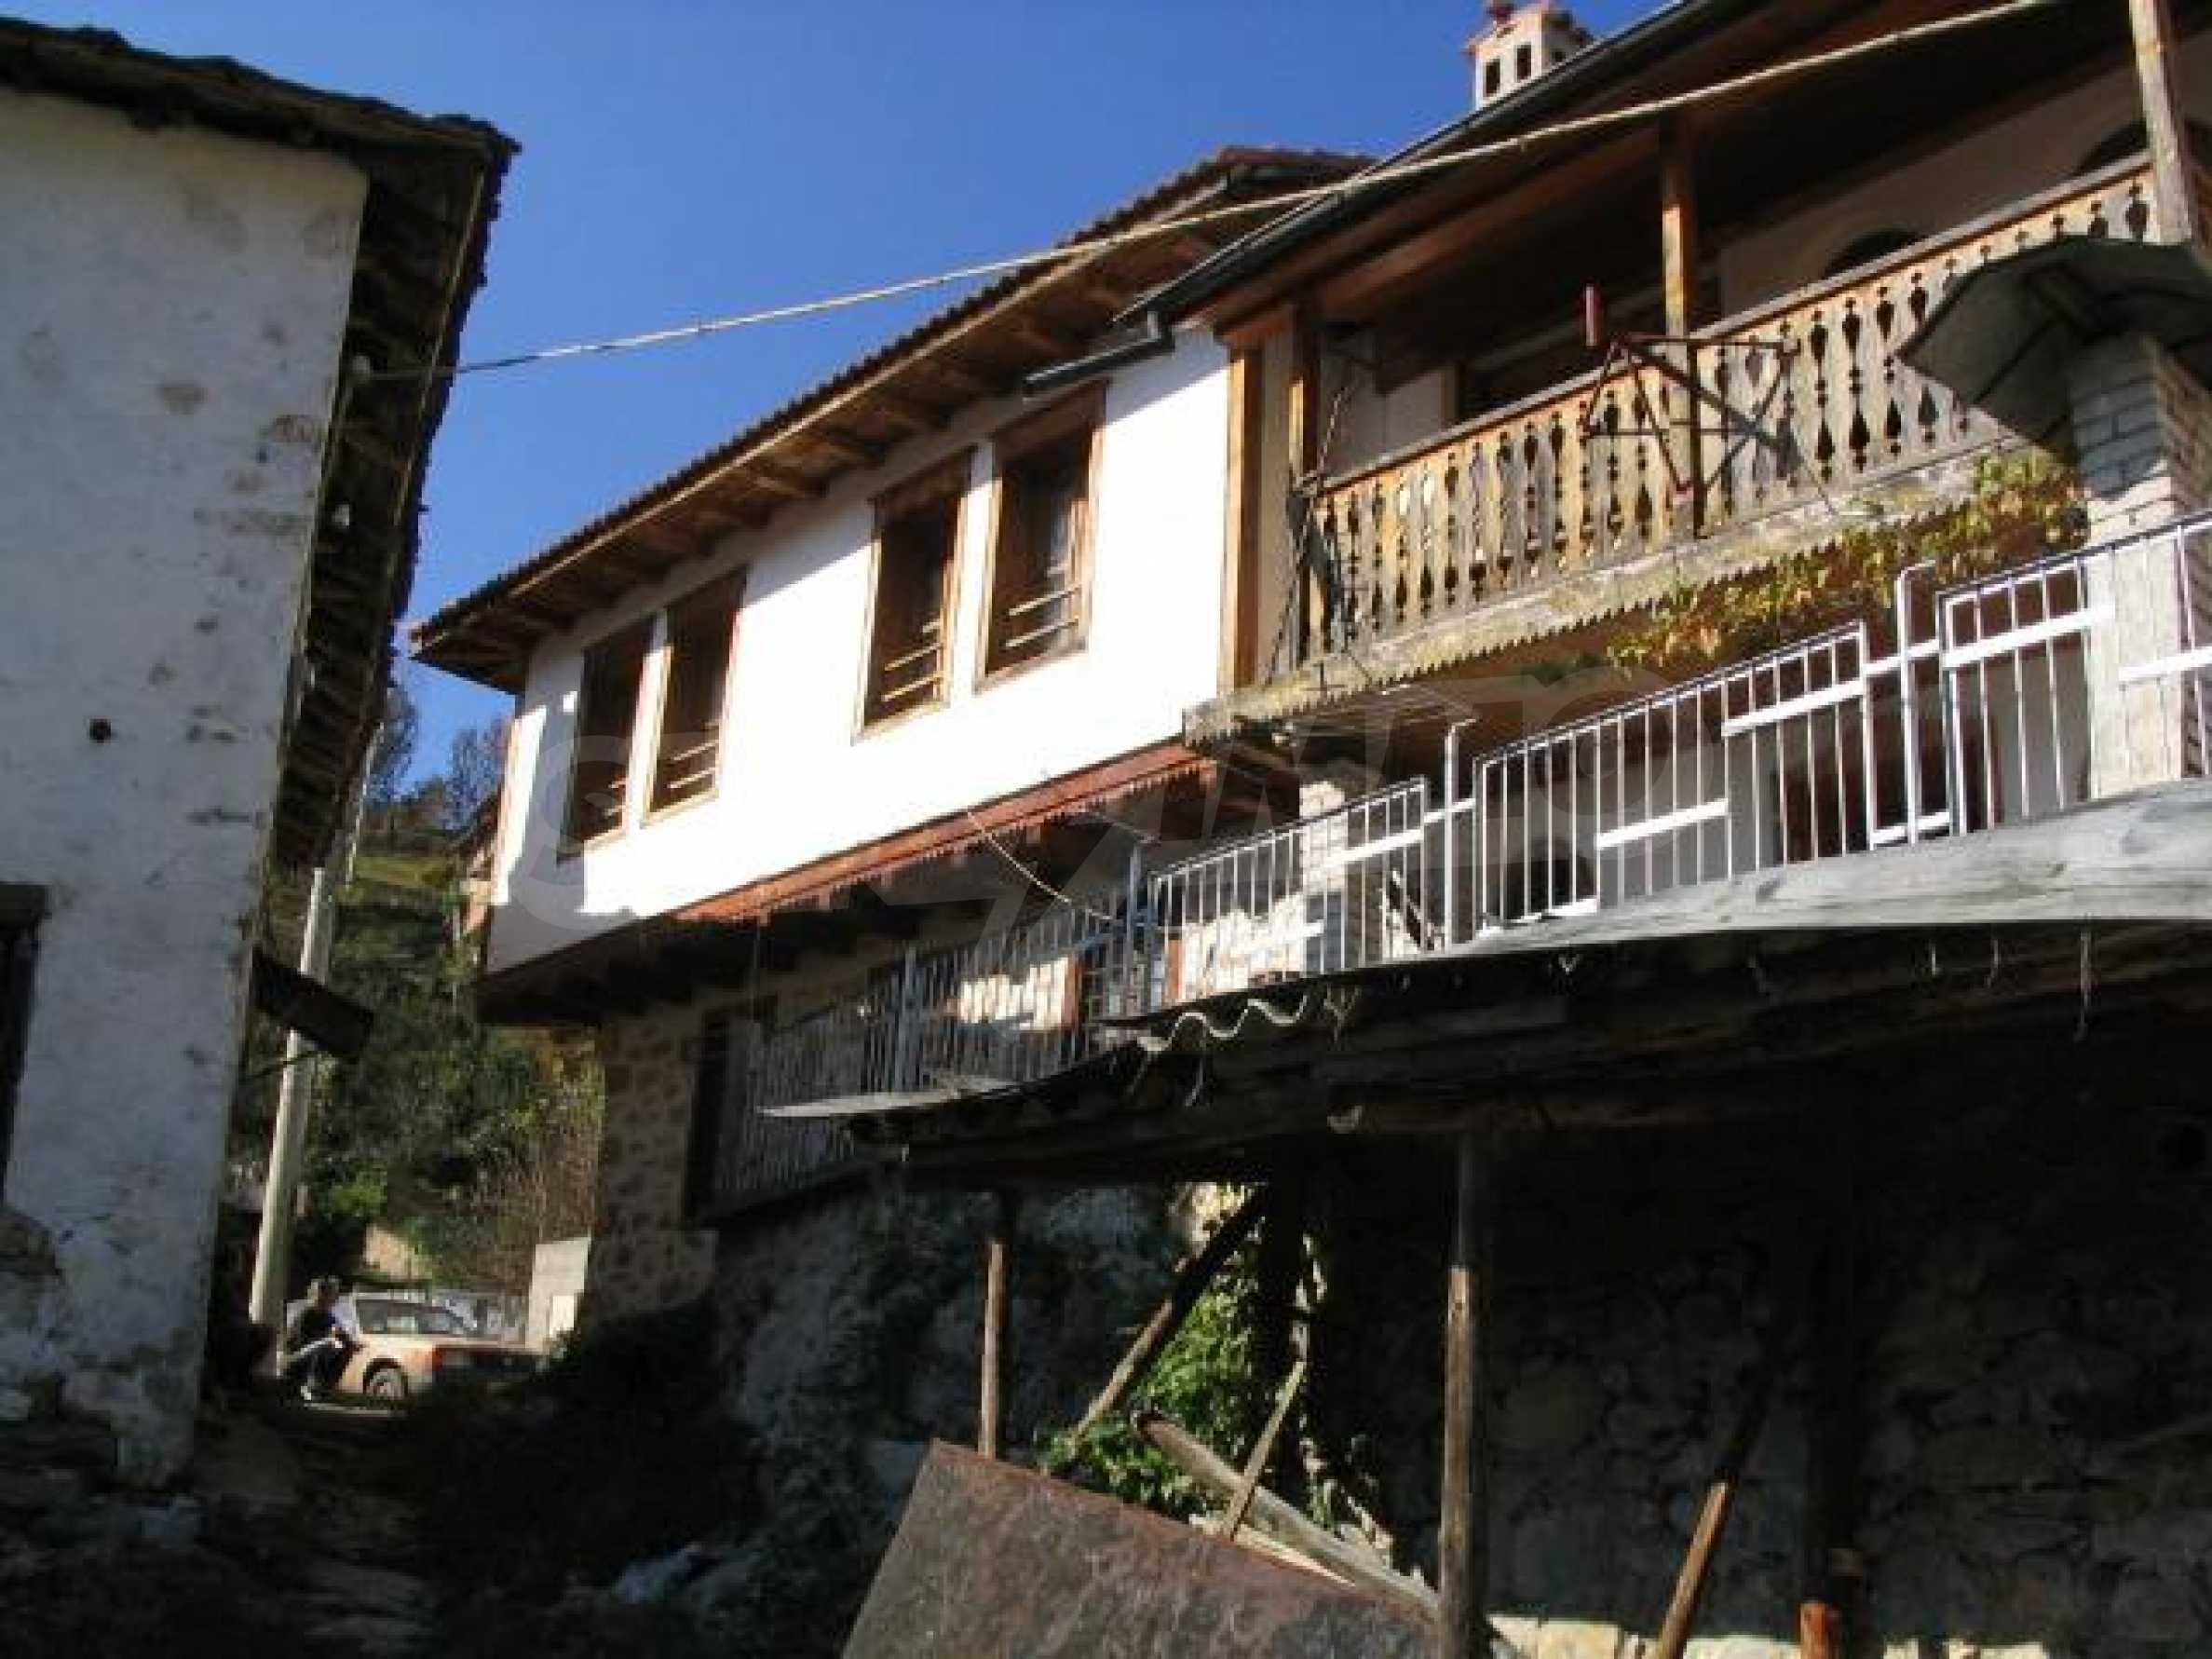 Traditionelles Haus im alten bulgarischen Stil nahe Pamporovo 2